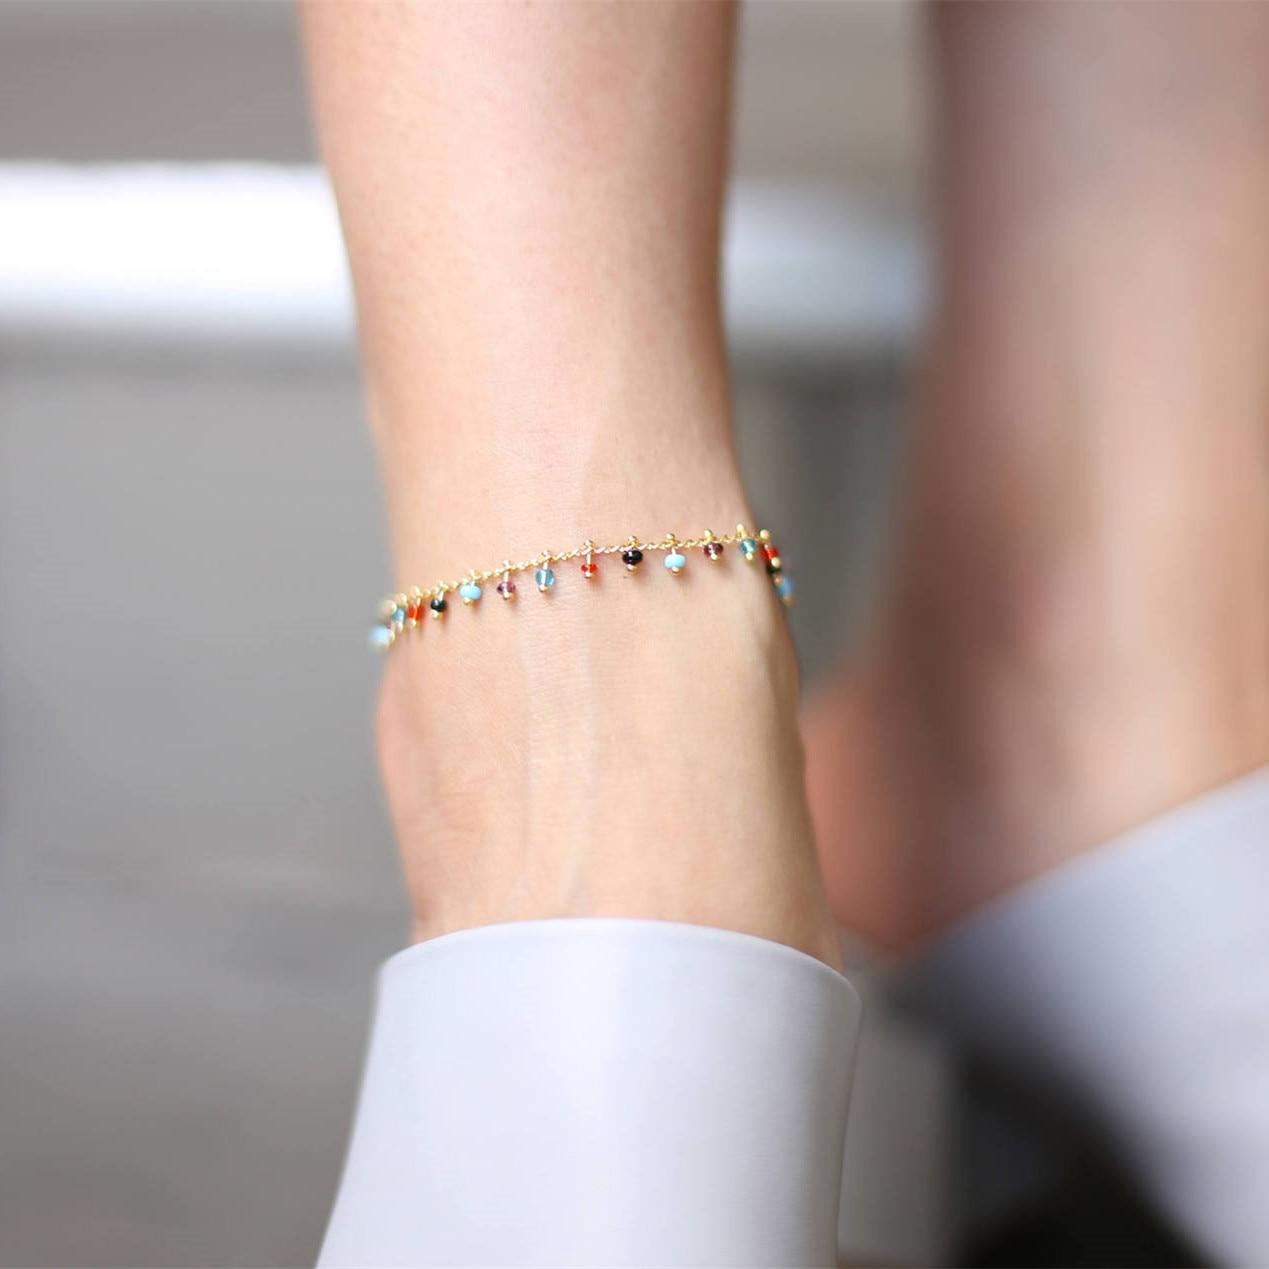 2019 Nuovo Colorato Perline di Cristallo Cavigliera per Le Donne Beach Sexy di Colore Dell'oro Della Catena Del Piede sulla Gamba di Modo Cinturino Alla Caviglia gioielli